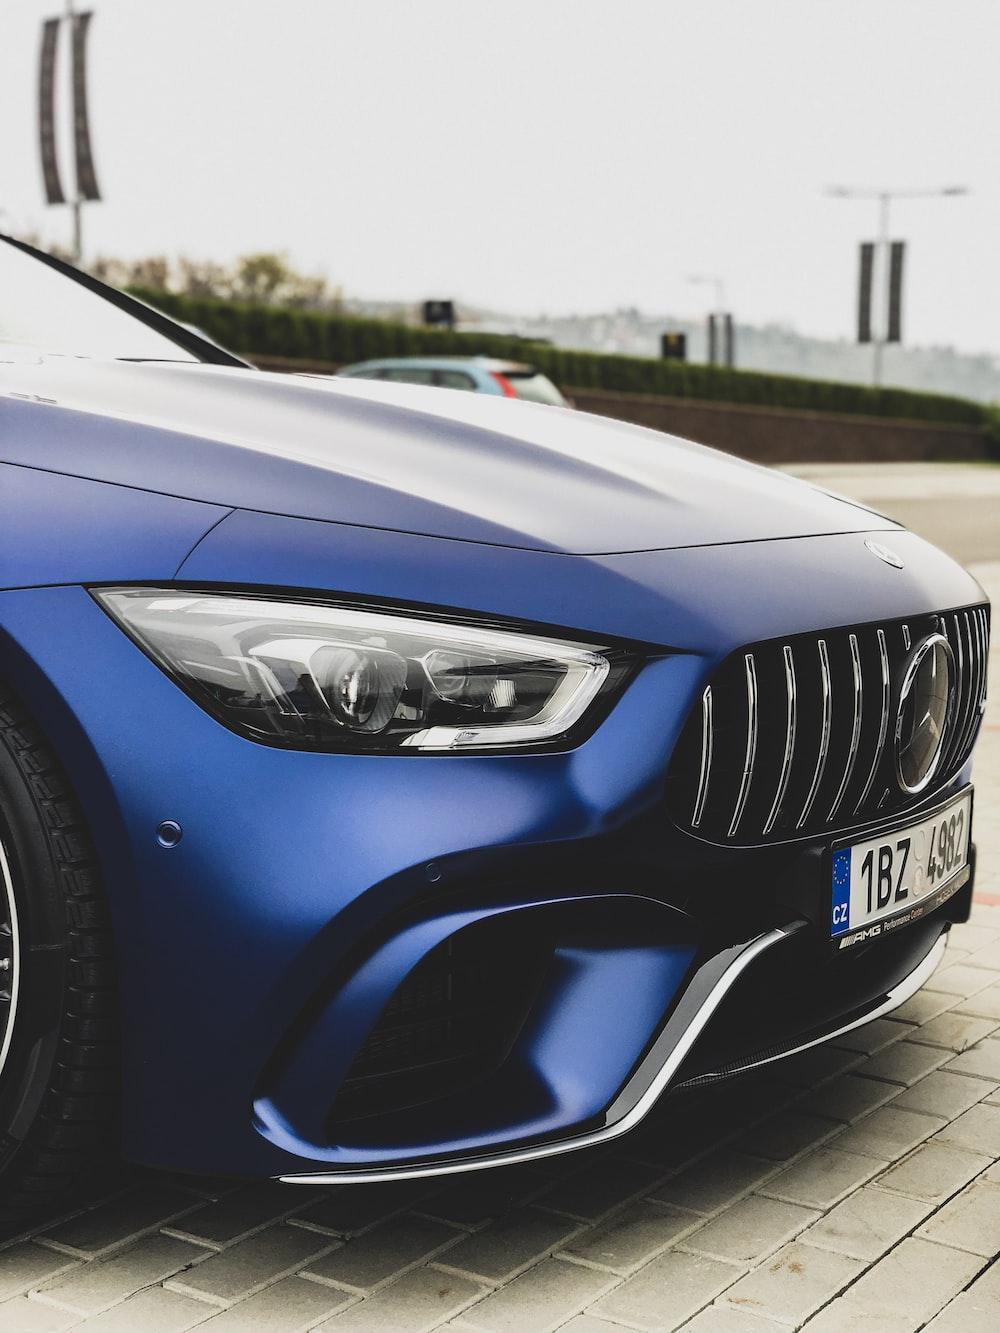 blue Mercedes-Benz car